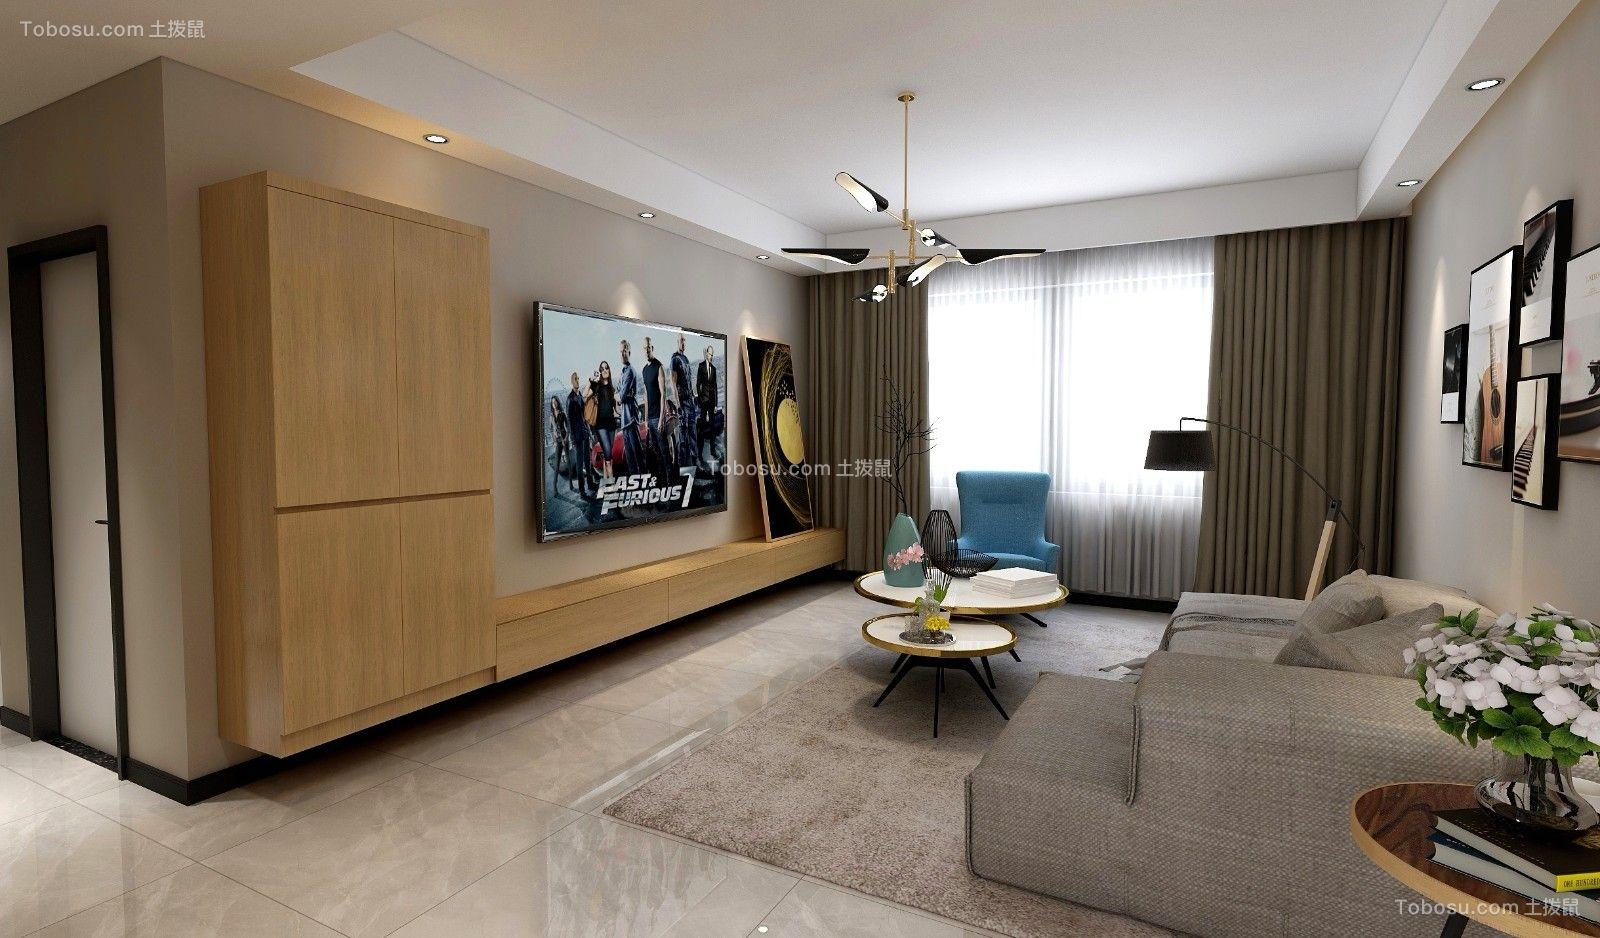 香泊湾130平米轻奢后现代风三居室装修图片